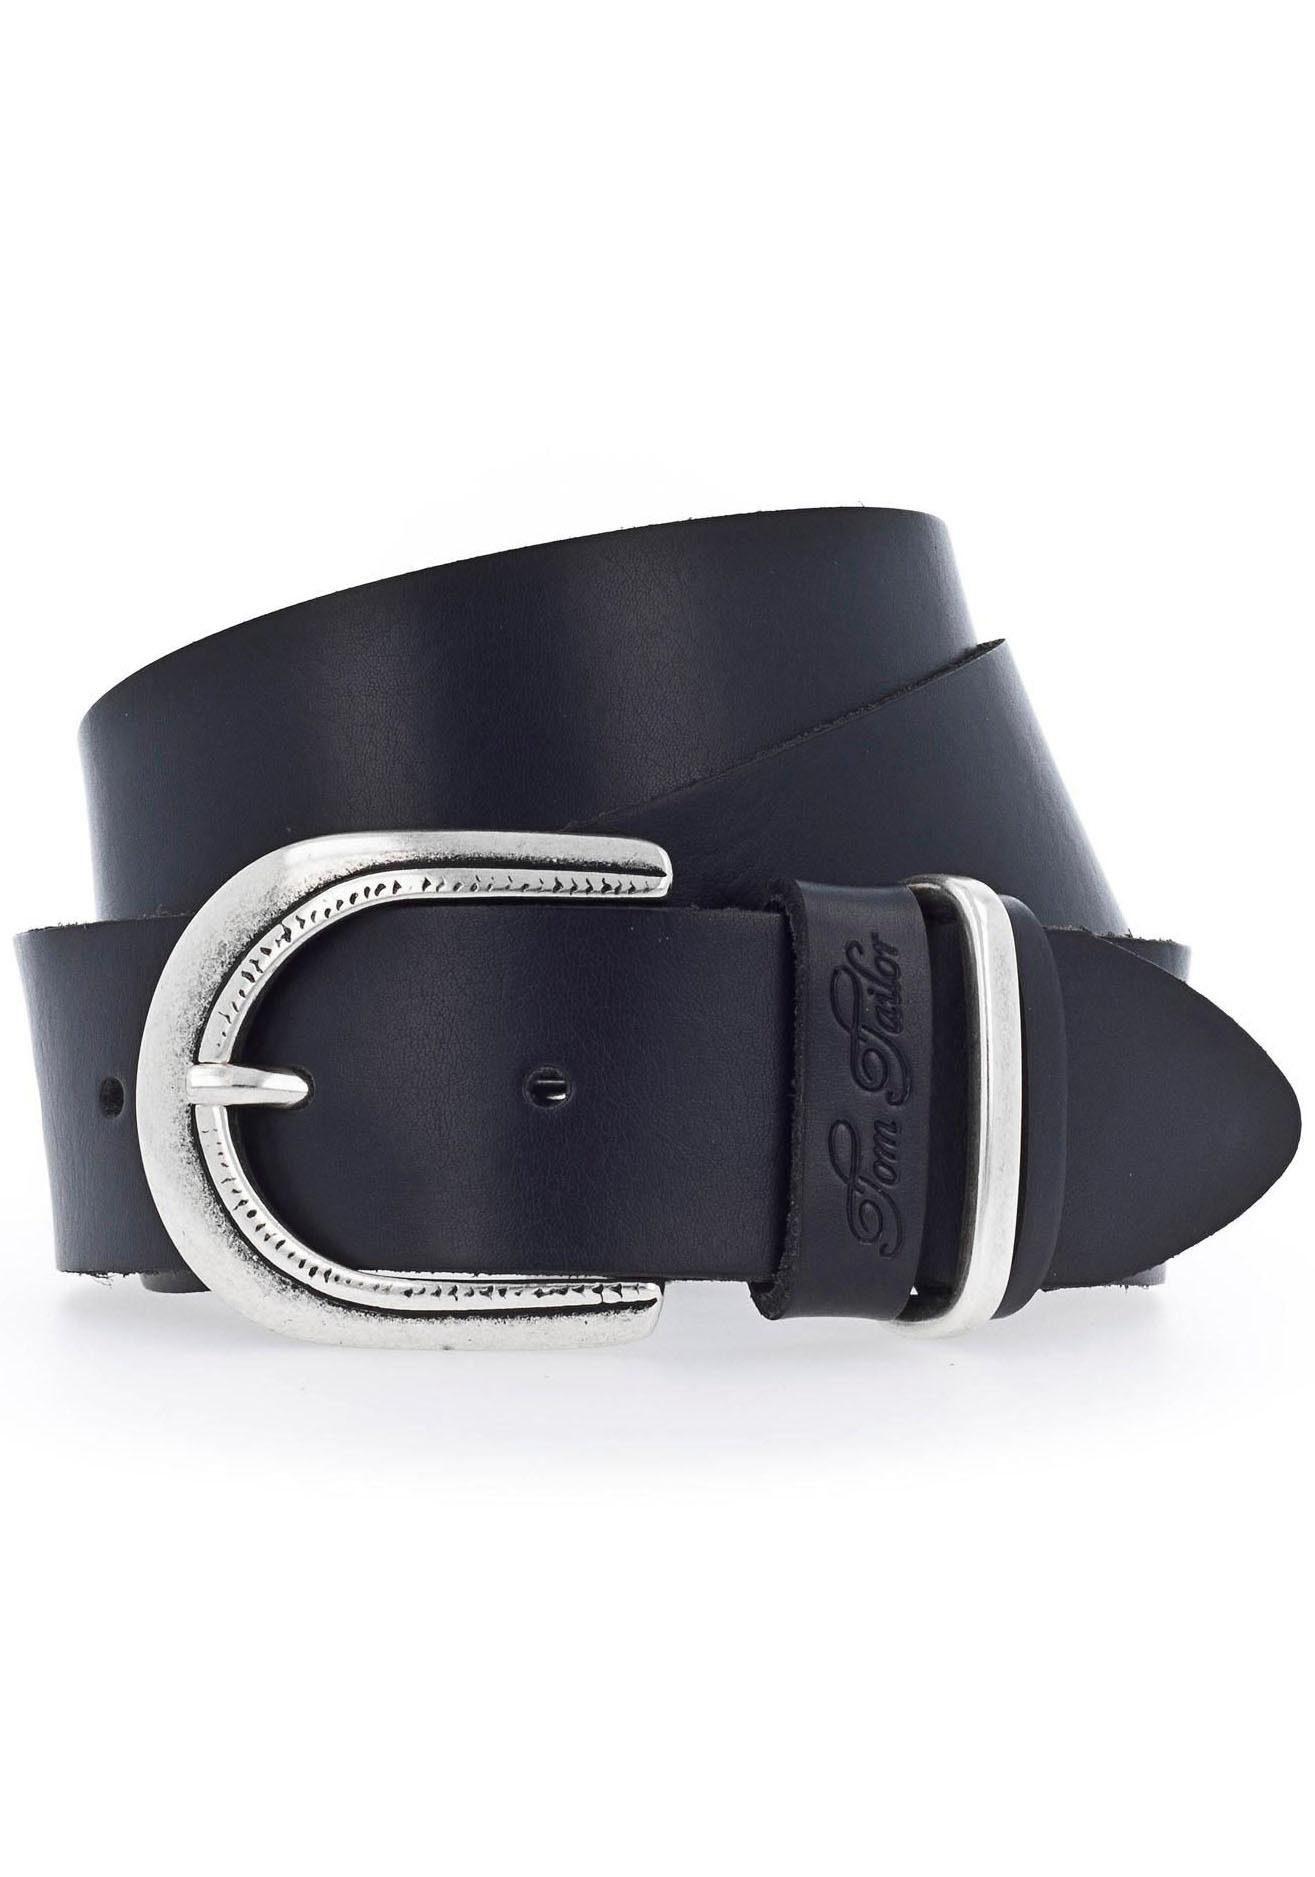 Tom Tailor Damengürtel Koppel Gürtel große Schließe Ledergürtel 40 mm schwarz